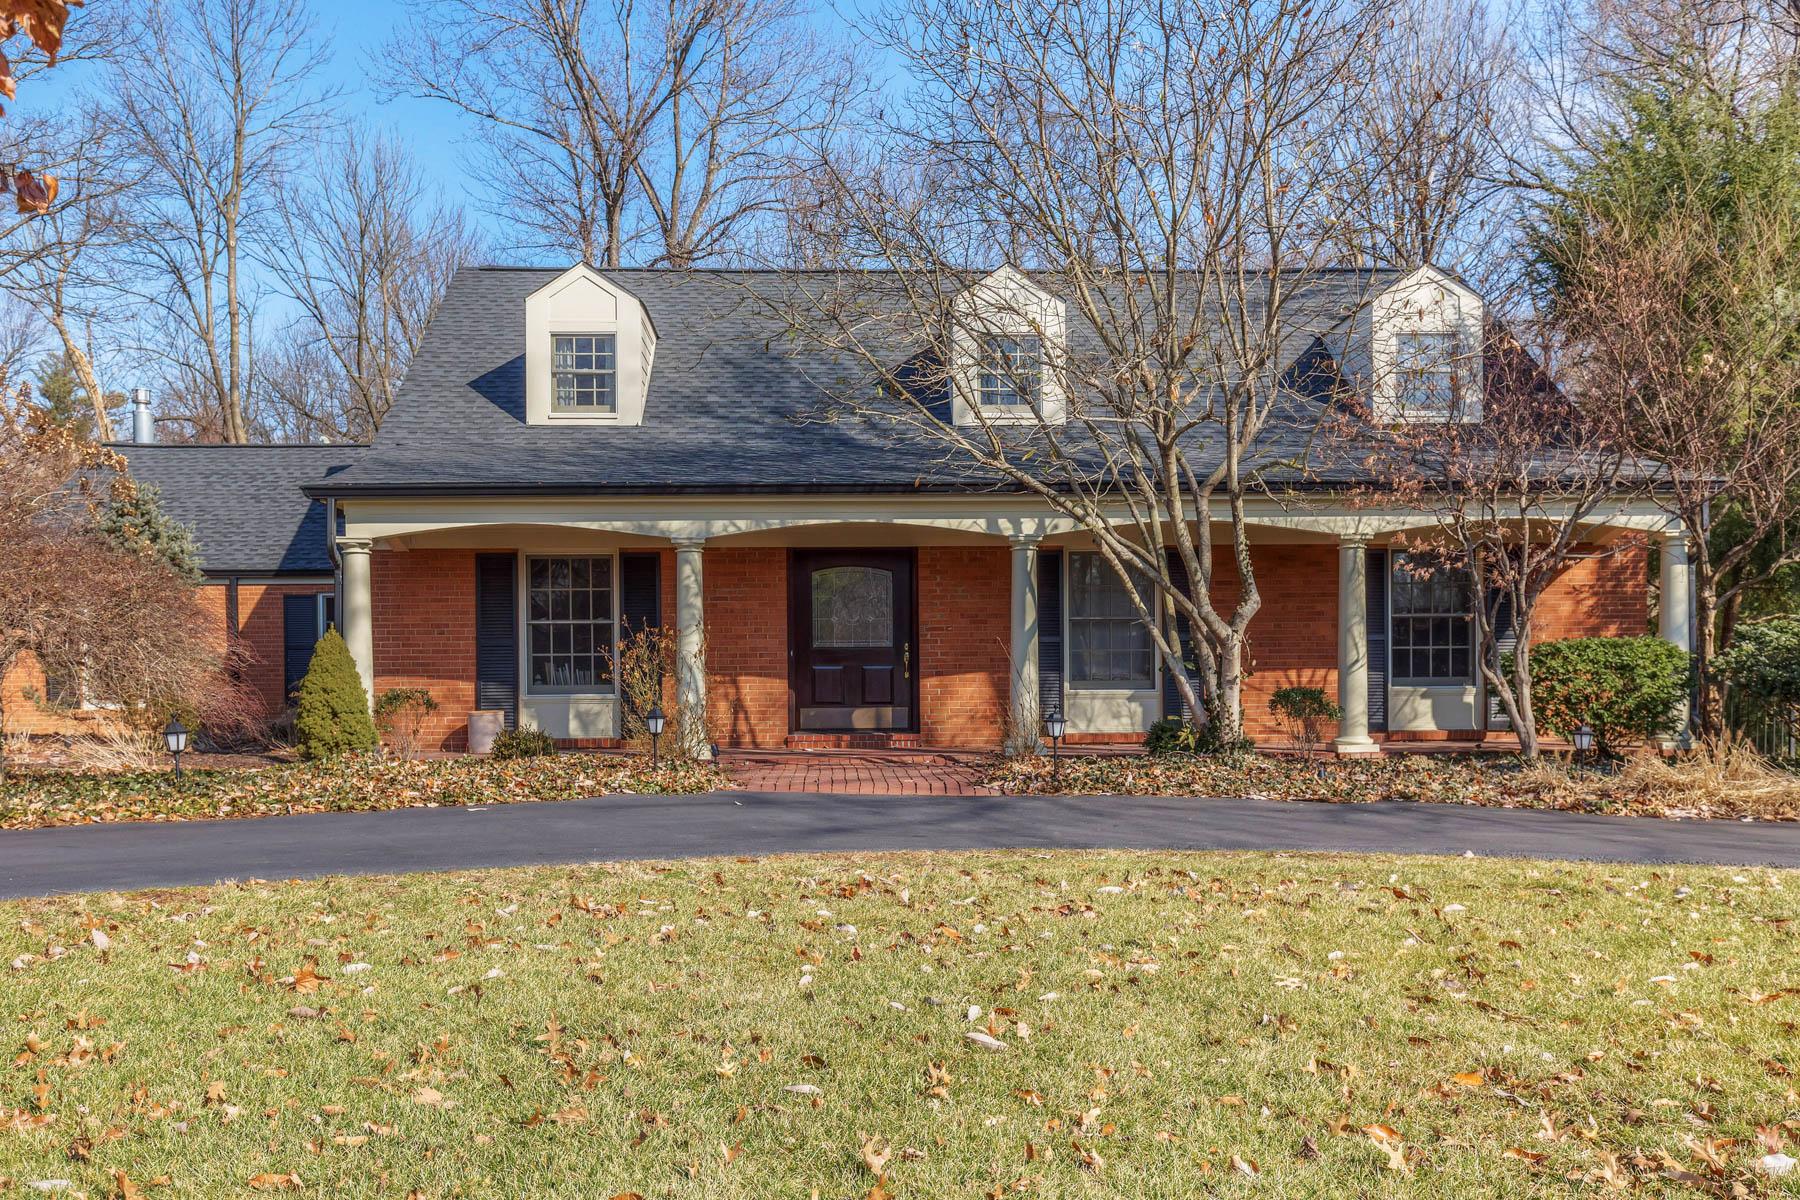 独户住宅 为 销售 在 Watch Hill Road 3 Watch Hill Road Ladue, 密苏里州, 63124 美国